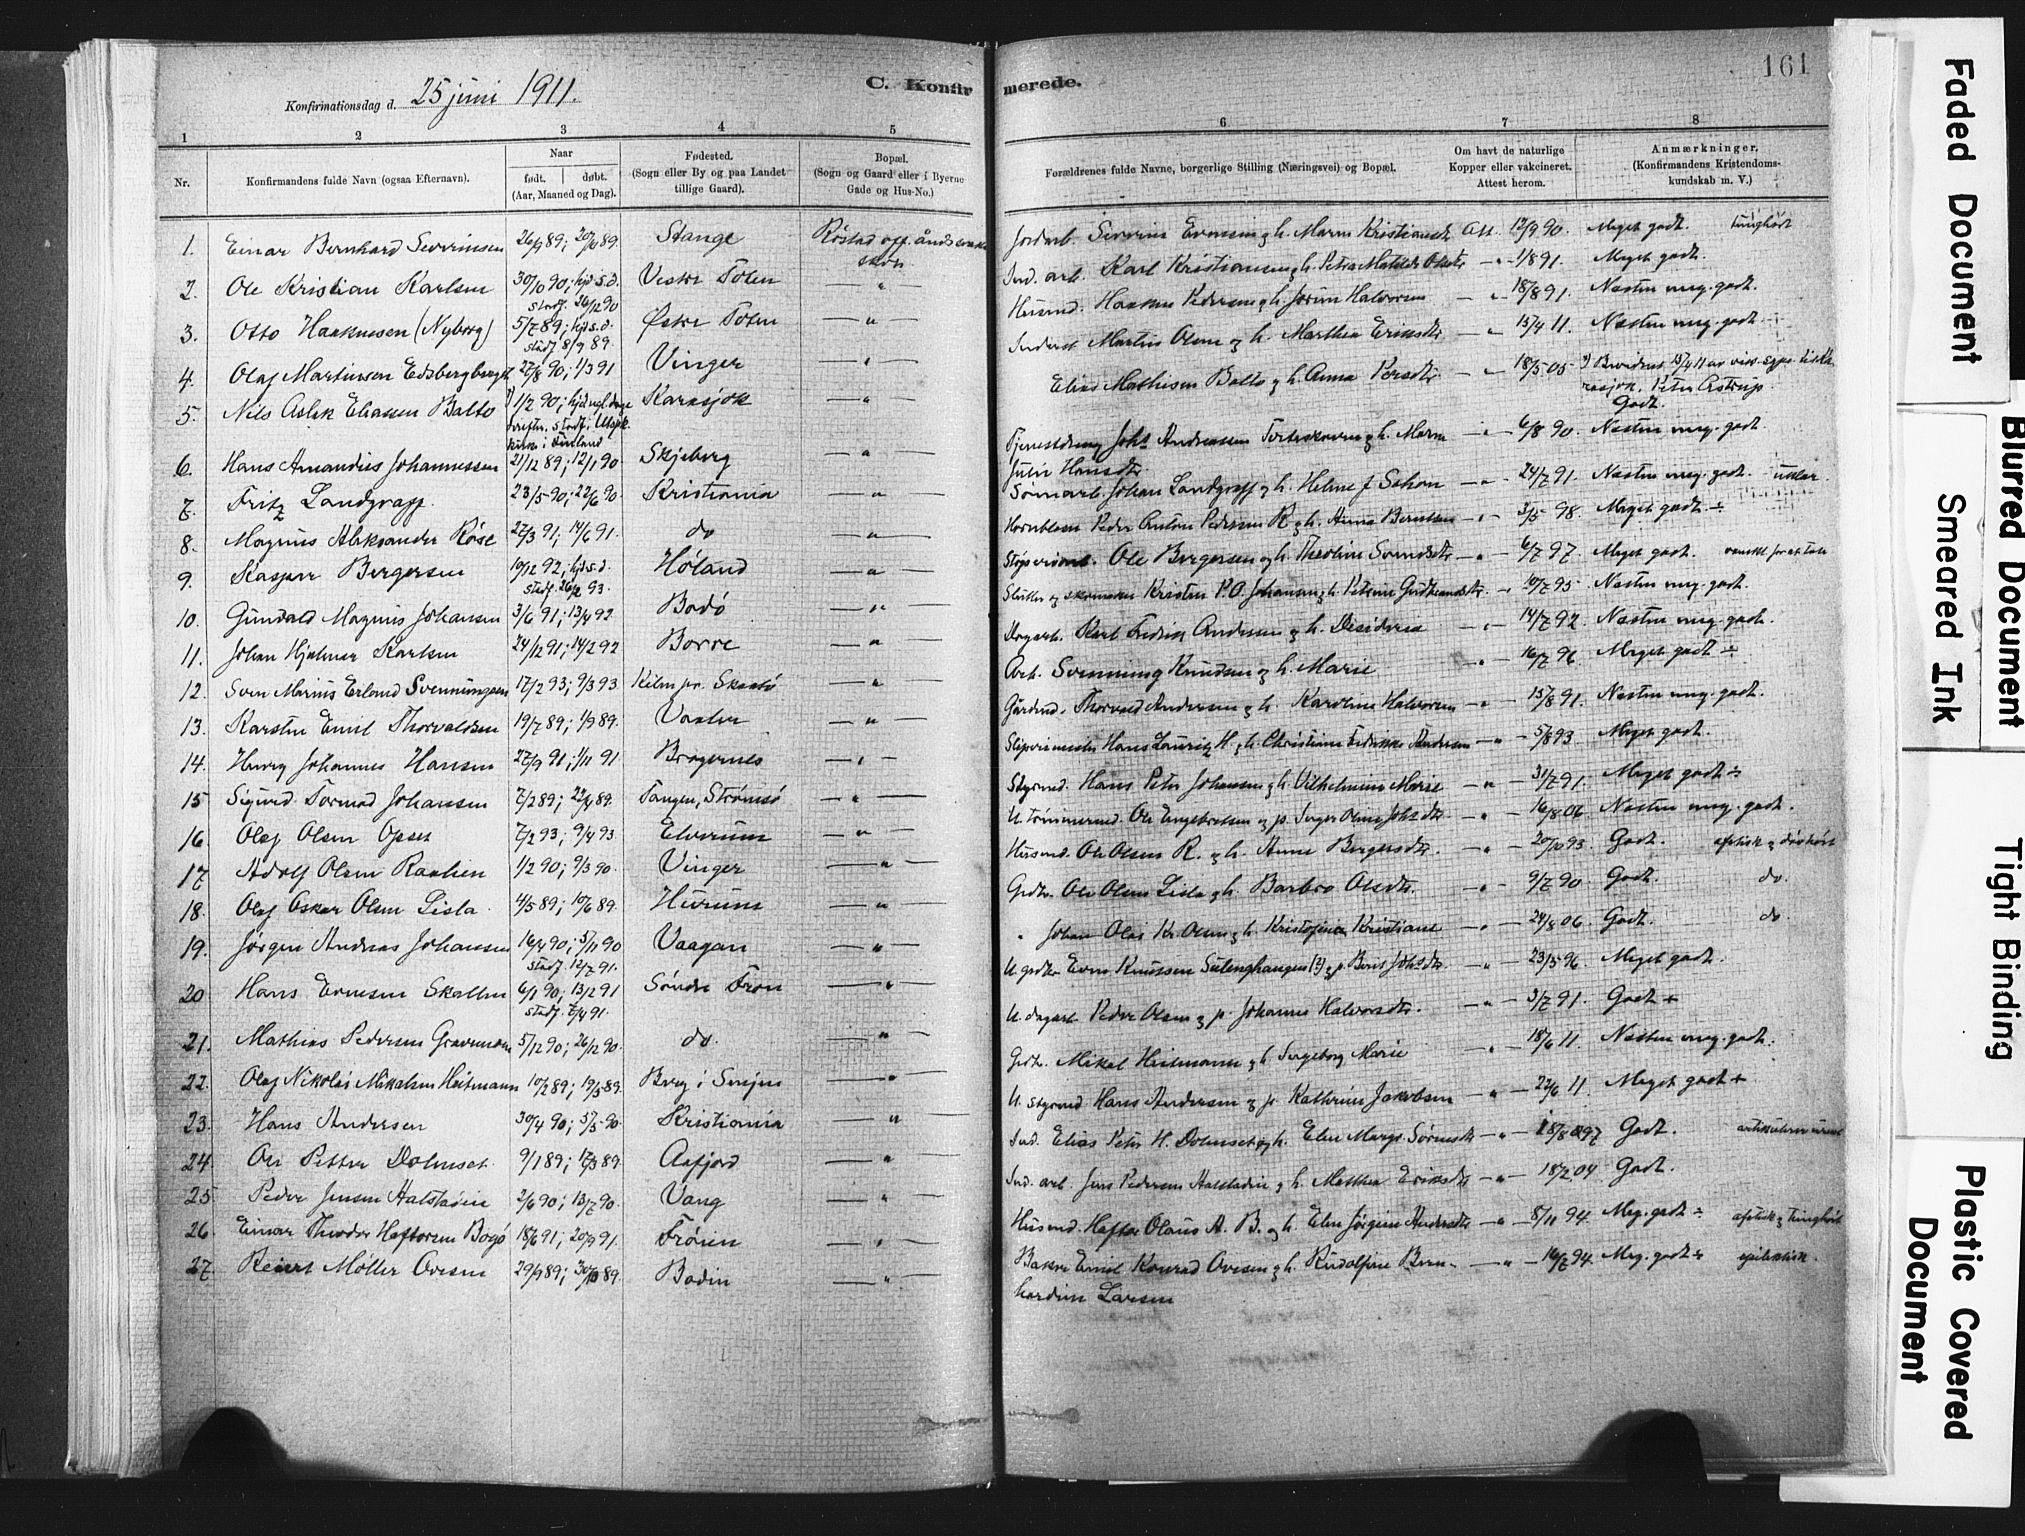 SAT, Ministerialprotokoller, klokkerbøker og fødselsregistre - Nord-Trøndelag, 721/L0207: Ministerialbok nr. 721A02, 1880-1911, s. 161